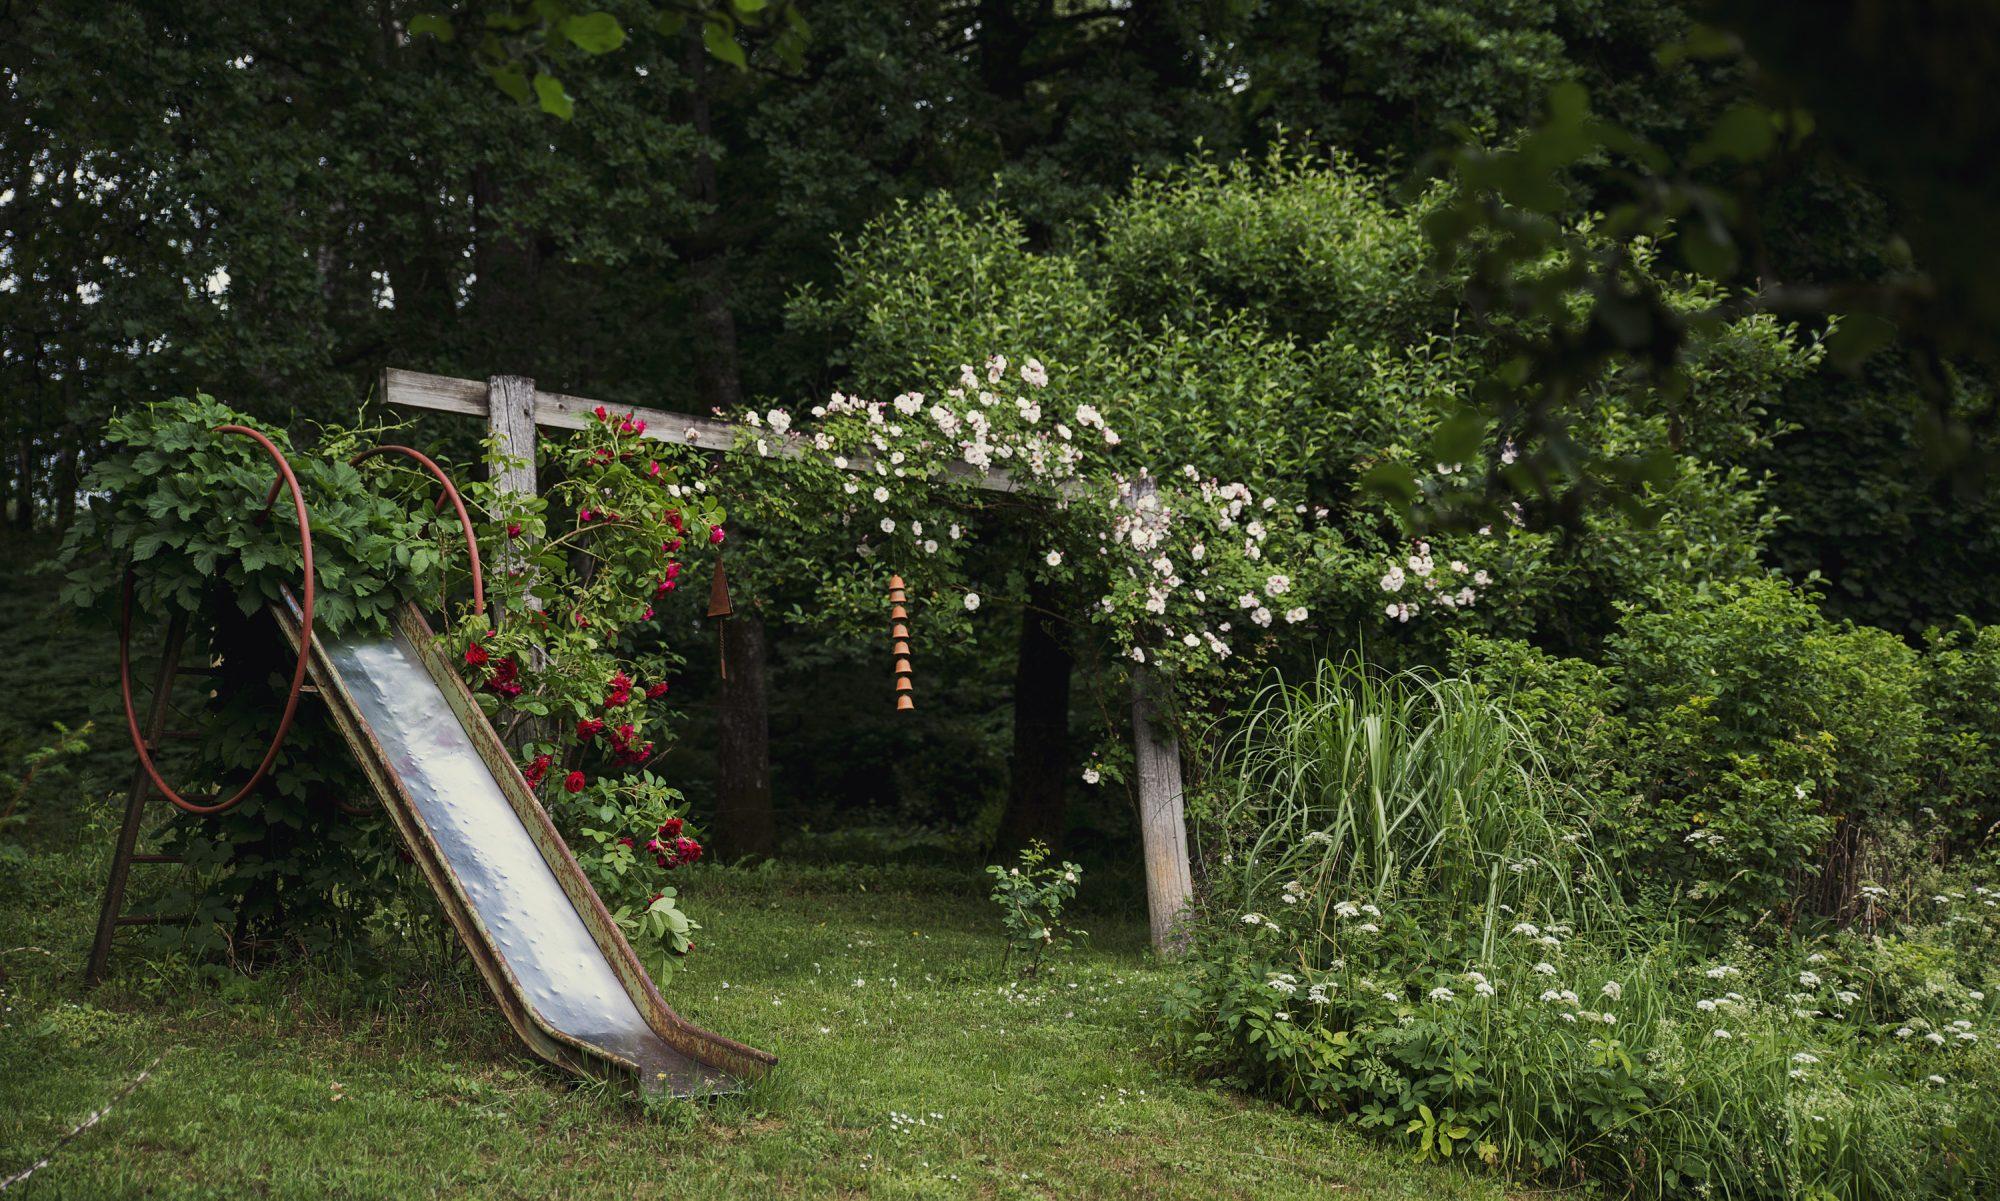 Hultets Trädgård